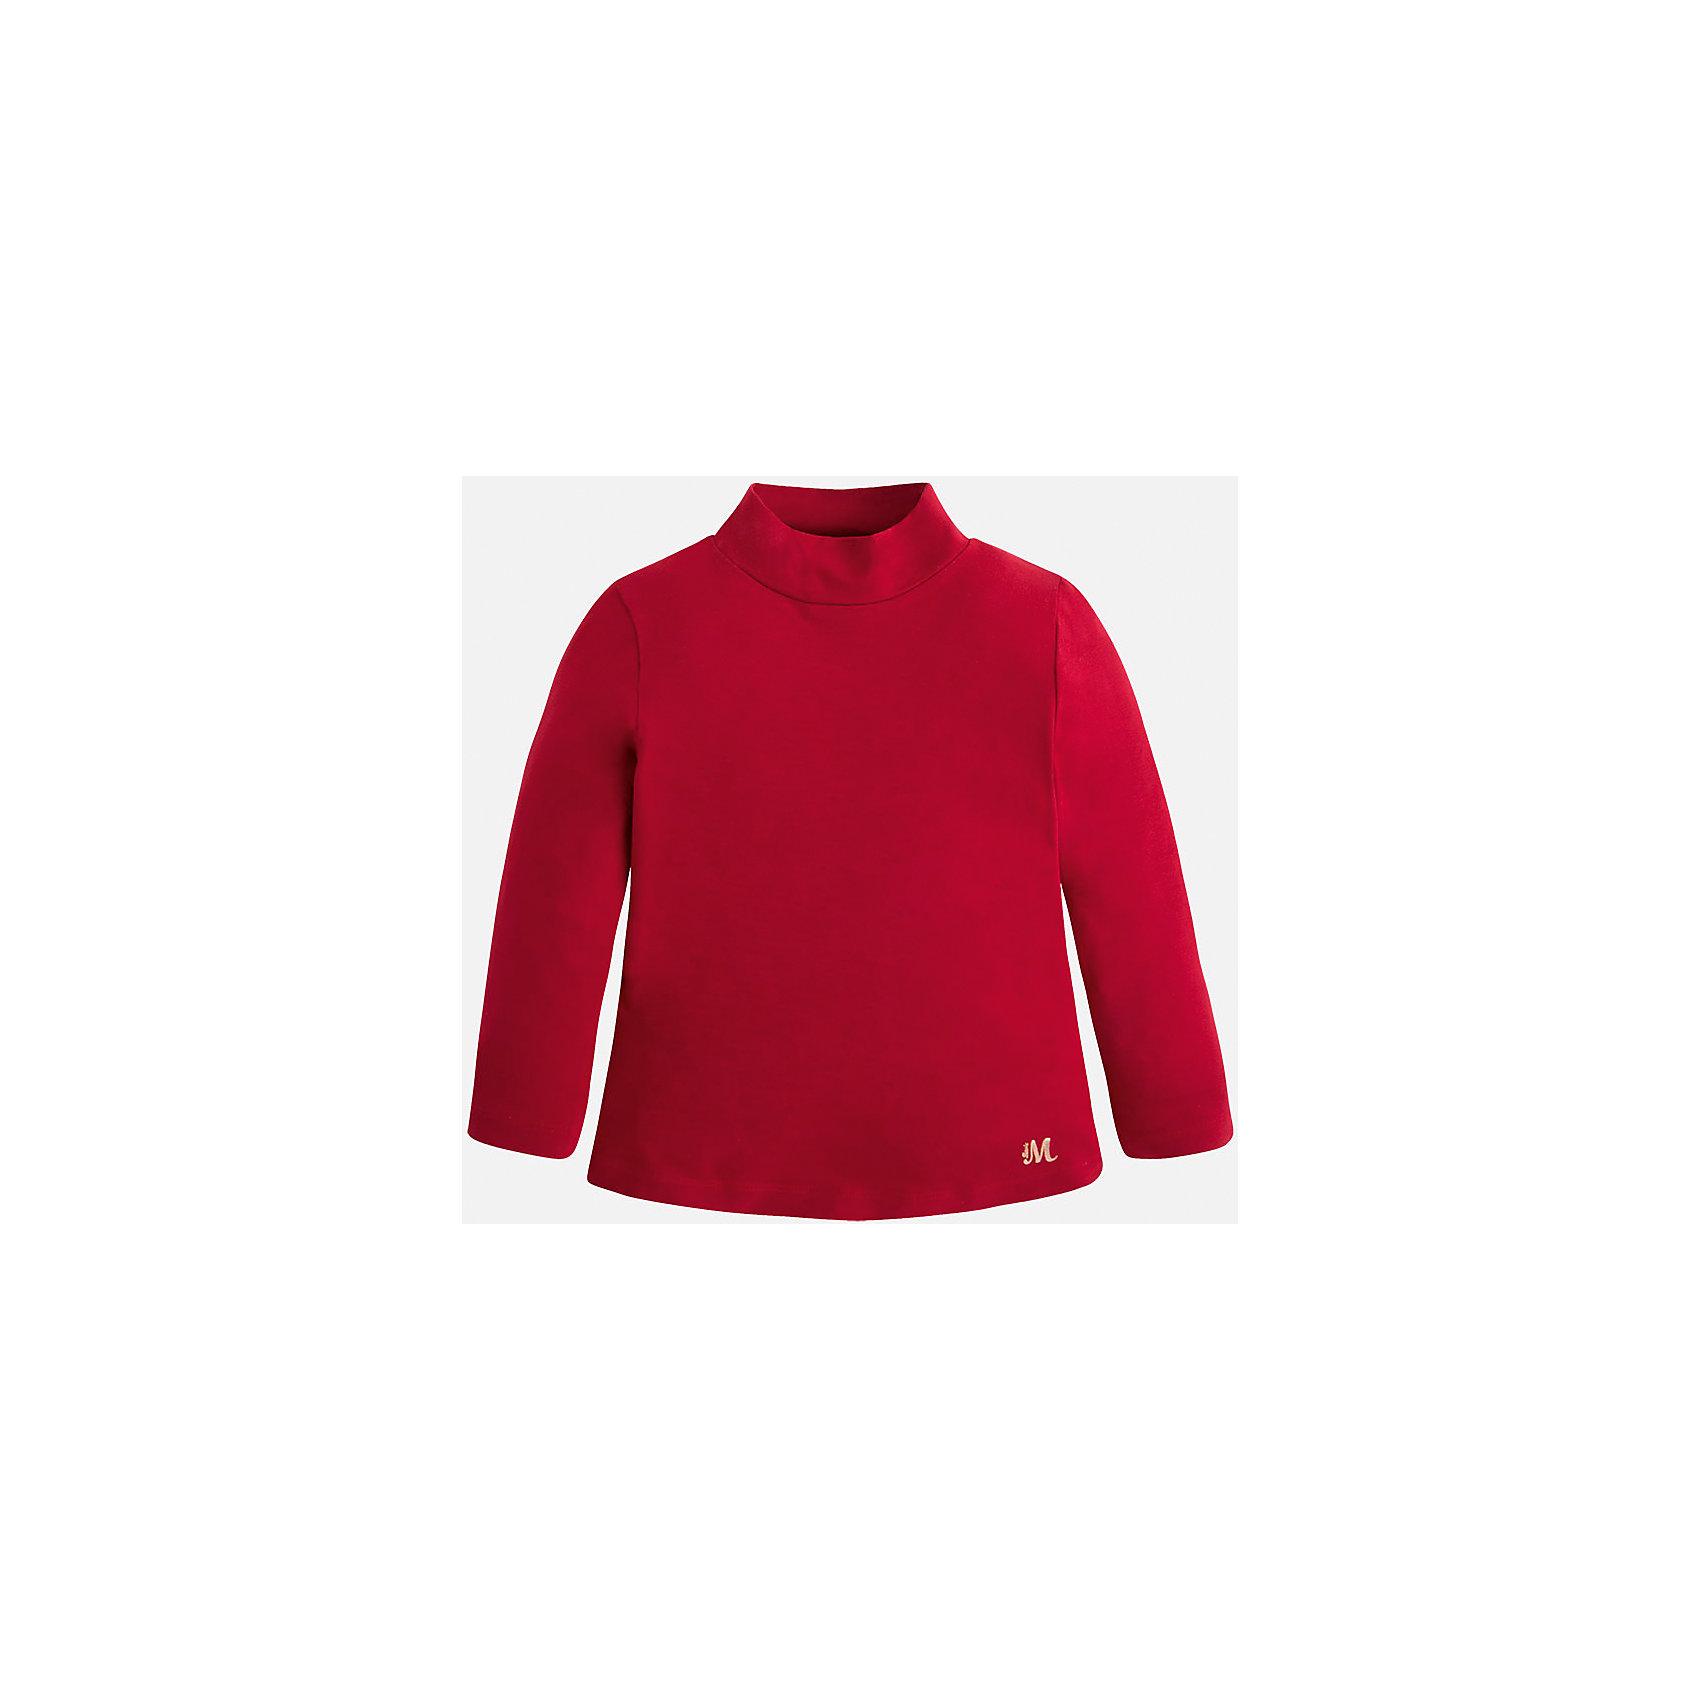 Водолазка для девочки MayoralВодолазки<br>Водолазка для девочки от известного испанского бренда Mayoral (Майорал). Эта стильная и удобная футболка с длинным рукавом и горловиной сочетает в себе стиль и простоту. Приятный алый цвет и золотая нашивка с логотипом бренда придут по вкусу вашей моднице. У футболки свободный крой, слегка расширяющийся к низу. Отличное пополнение для сезона осень-зима. К этой футболке подойдут как некоторые классические юбки и брюки, так и джинсы или штаны спортивного кроя. <br><br>Дополнительная информация:<br><br>- Силуэт: расширяющийся к низу<br>- Рукав: укороченный<br>- Длина: средняя<br><br>Состав: 95% вискоза, 5% эластан<br><br>Футболку для девочки Mayoral (Майорал) можно купить в нашем интернет-магазине.<br><br>Подробнее:<br>• Для детей в возрасте: от 4 до 9 лет<br>• Номер товара: 4845795<br>Страна производитель: Индия<br><br>Ширина мм: 199<br>Глубина мм: 10<br>Высота мм: 161<br>Вес г: 151<br>Цвет: красный<br>Возраст от месяцев: 96<br>Возраст до месяцев: 108<br>Пол: Женский<br>Возраст: Детский<br>Размер: 128,116,110,134,98,92,122,104<br>SKU: 4845795